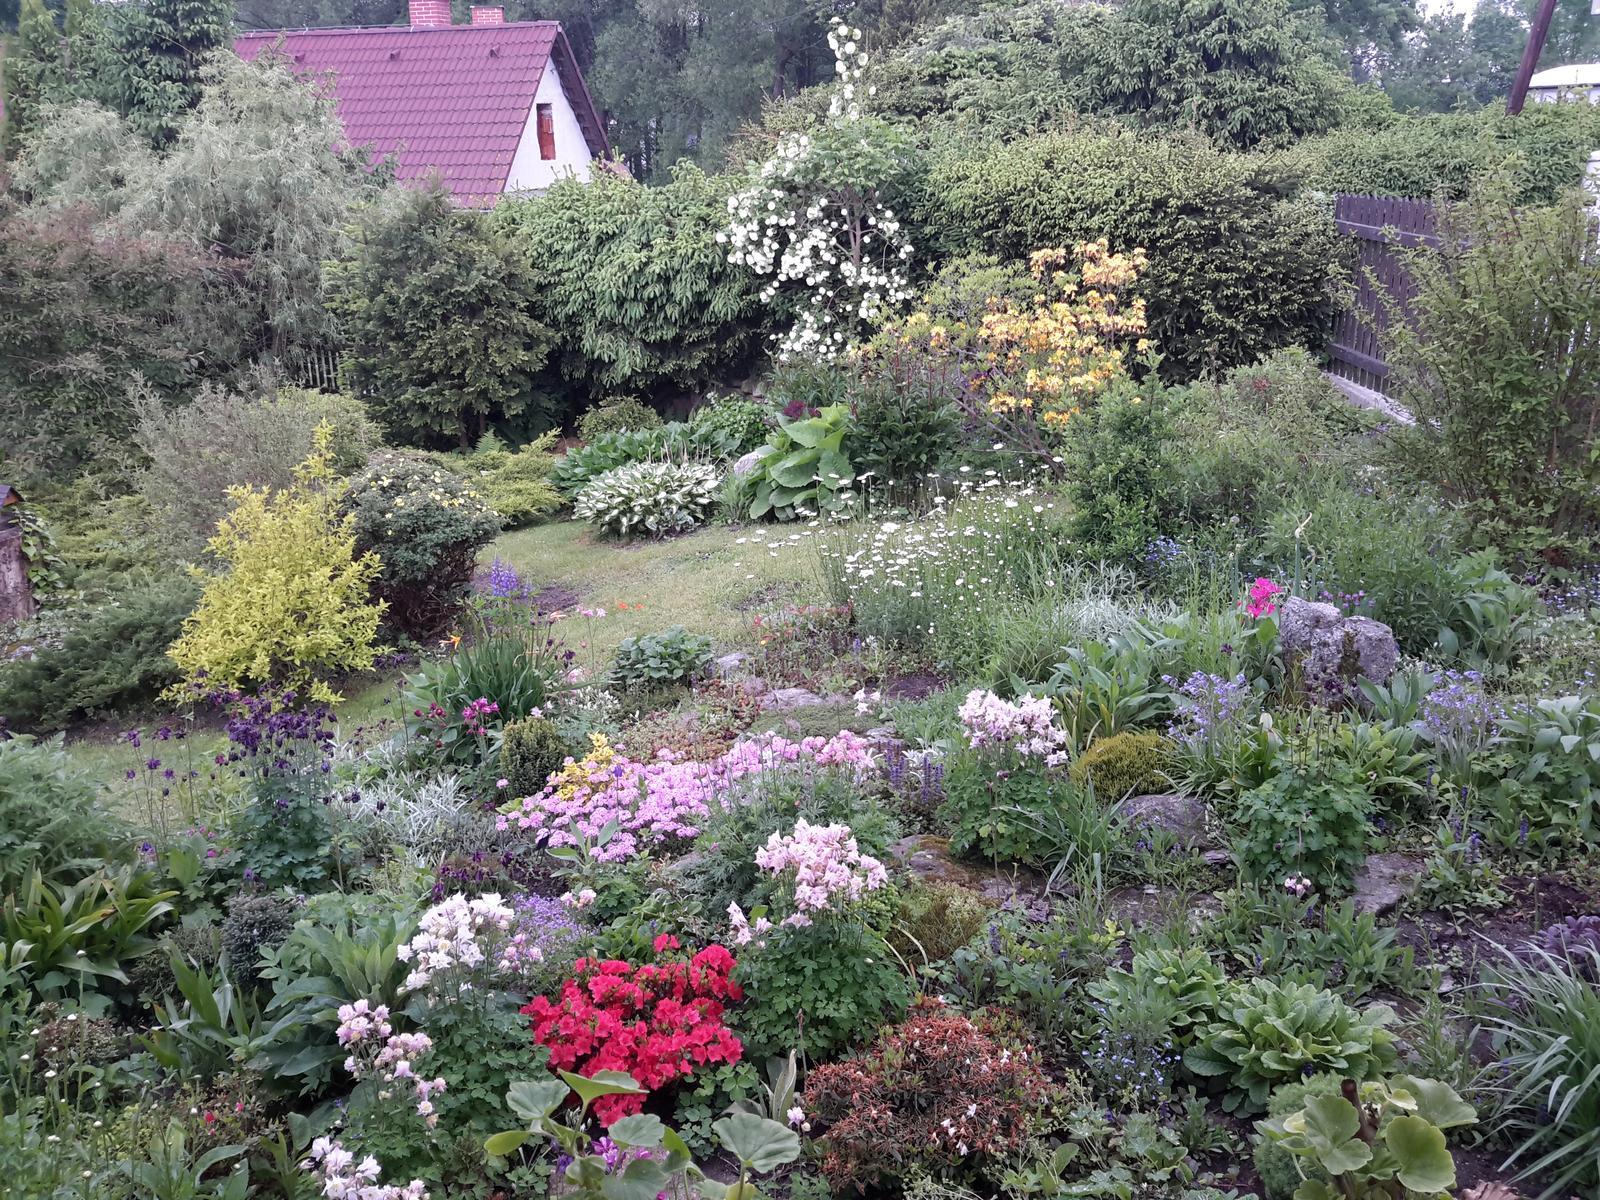 Jihočeská venkovská zahrada. - Skalku postupně přeměňuji na záhon azalek.